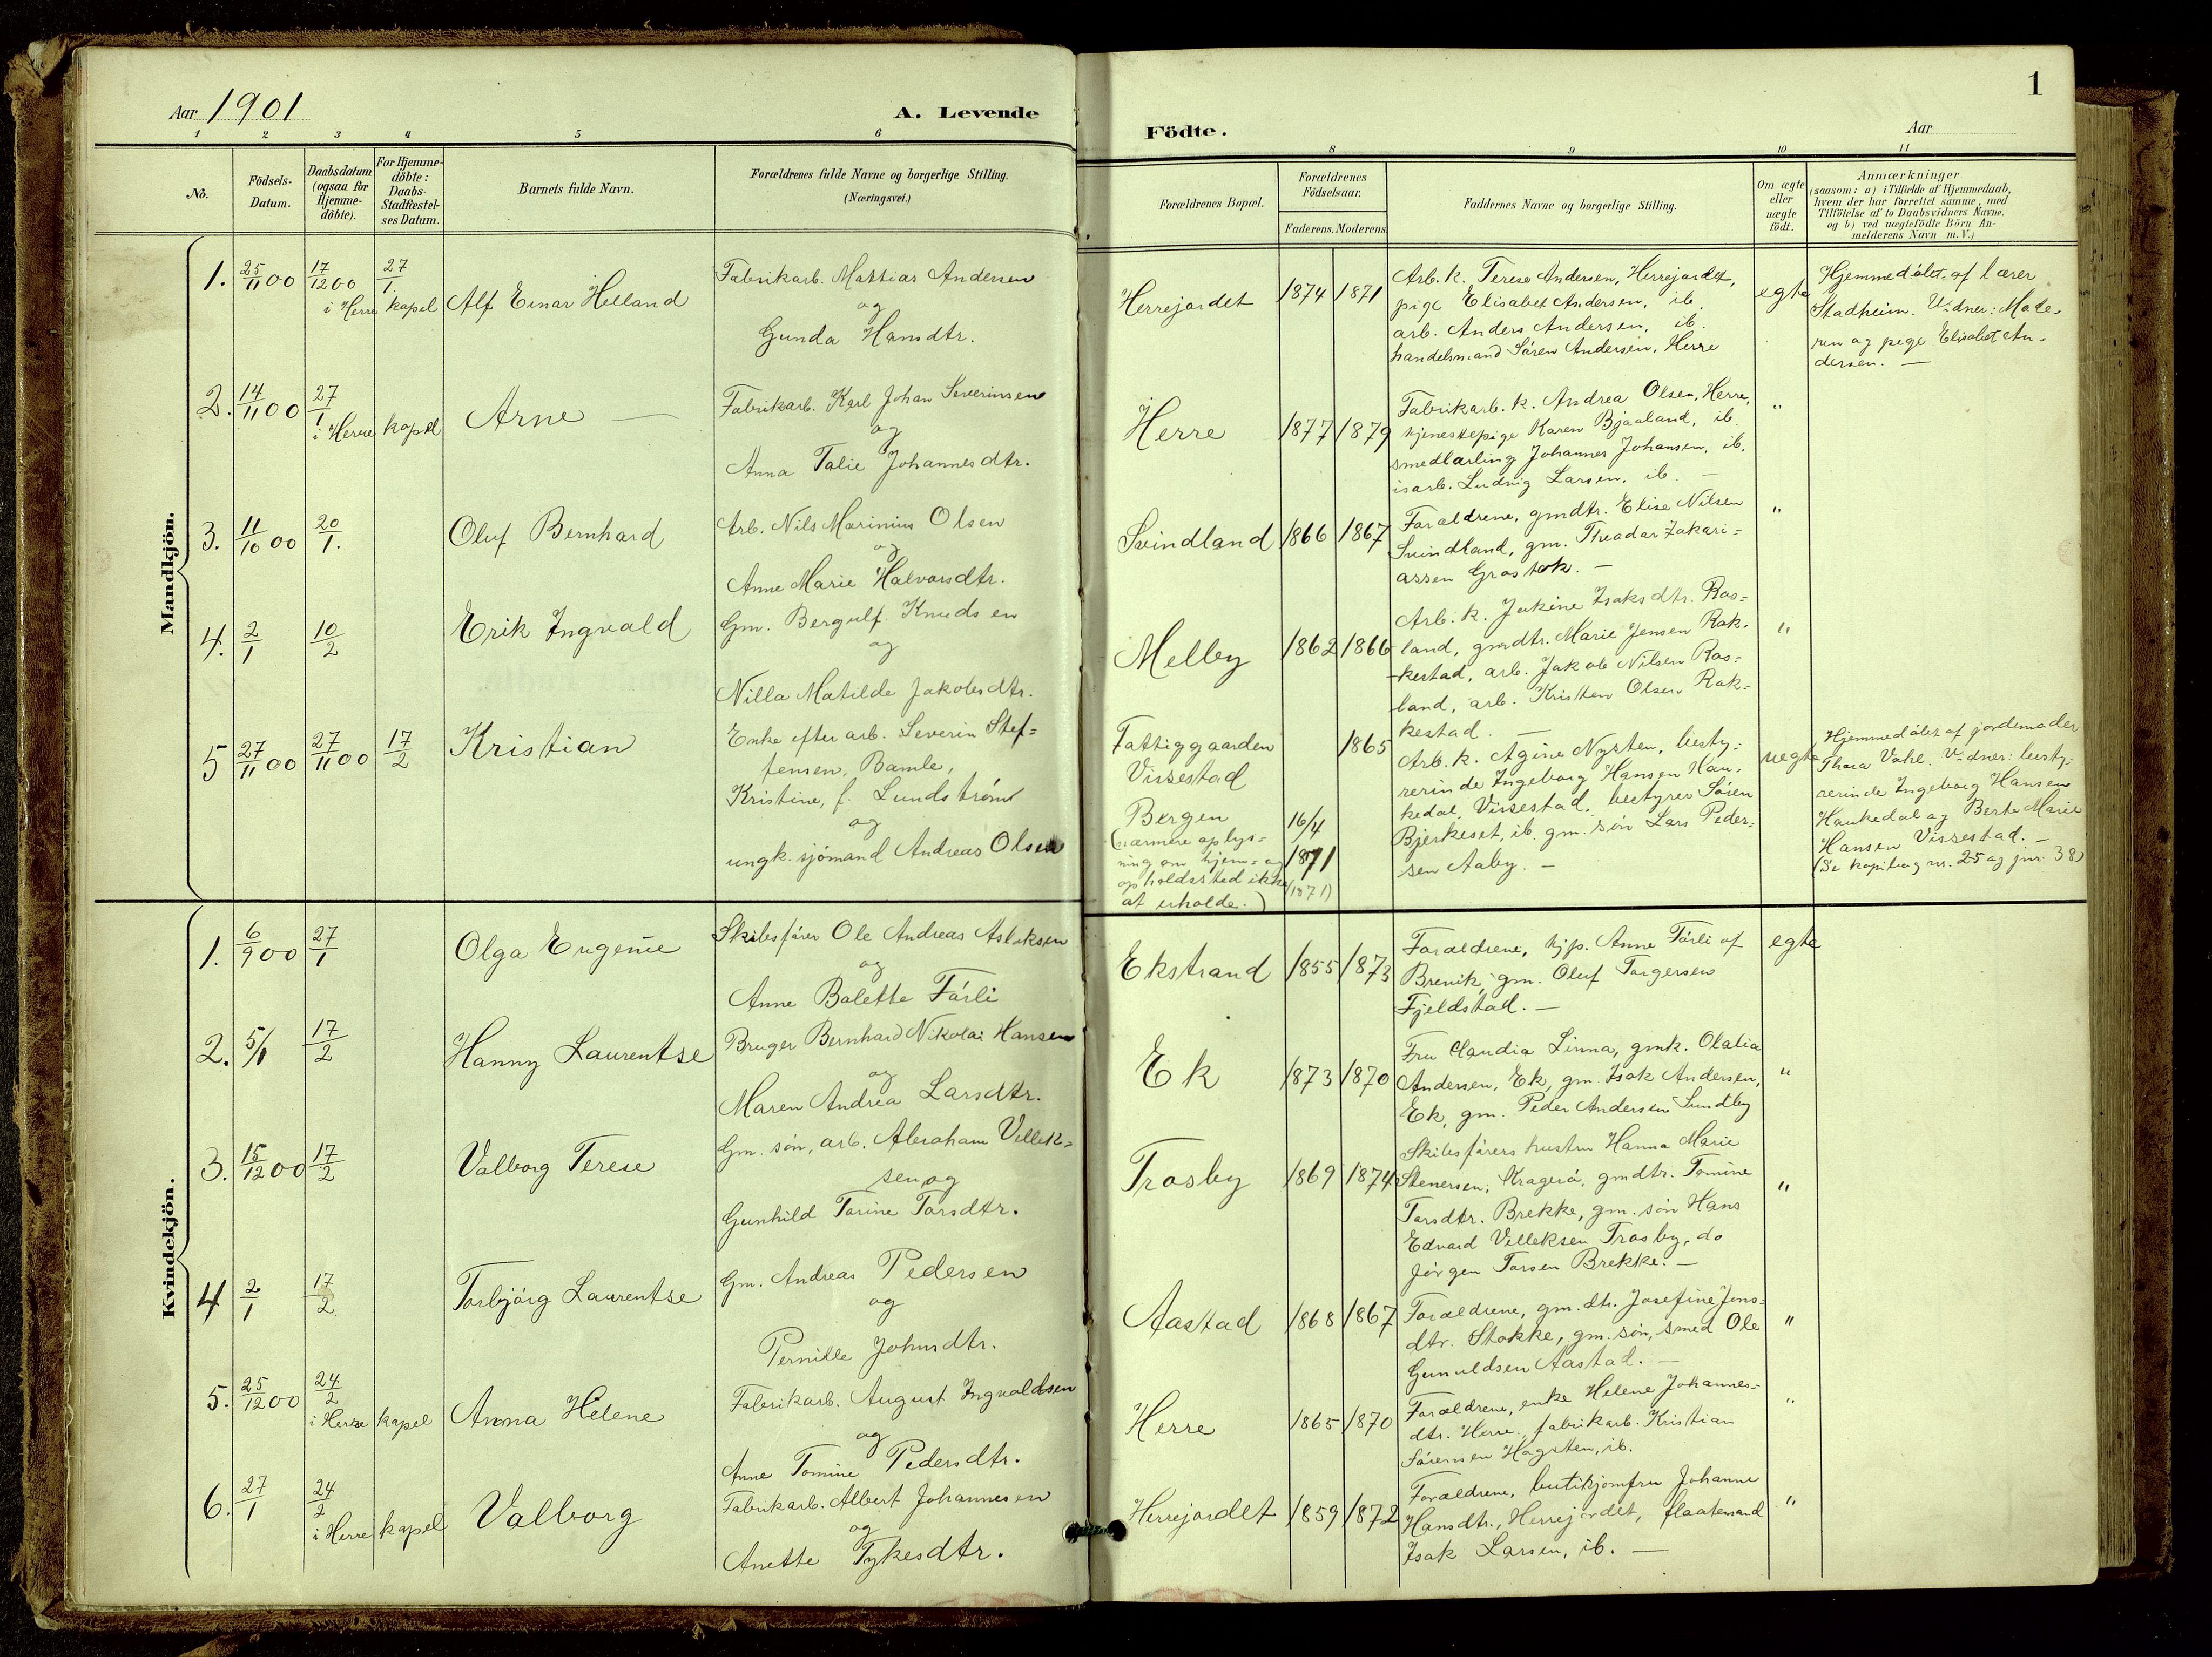 SAKO, Bamble kirkebøker, G/Ga/L0010: Klokkerbok nr. I 10, 1901-1919, s. 1